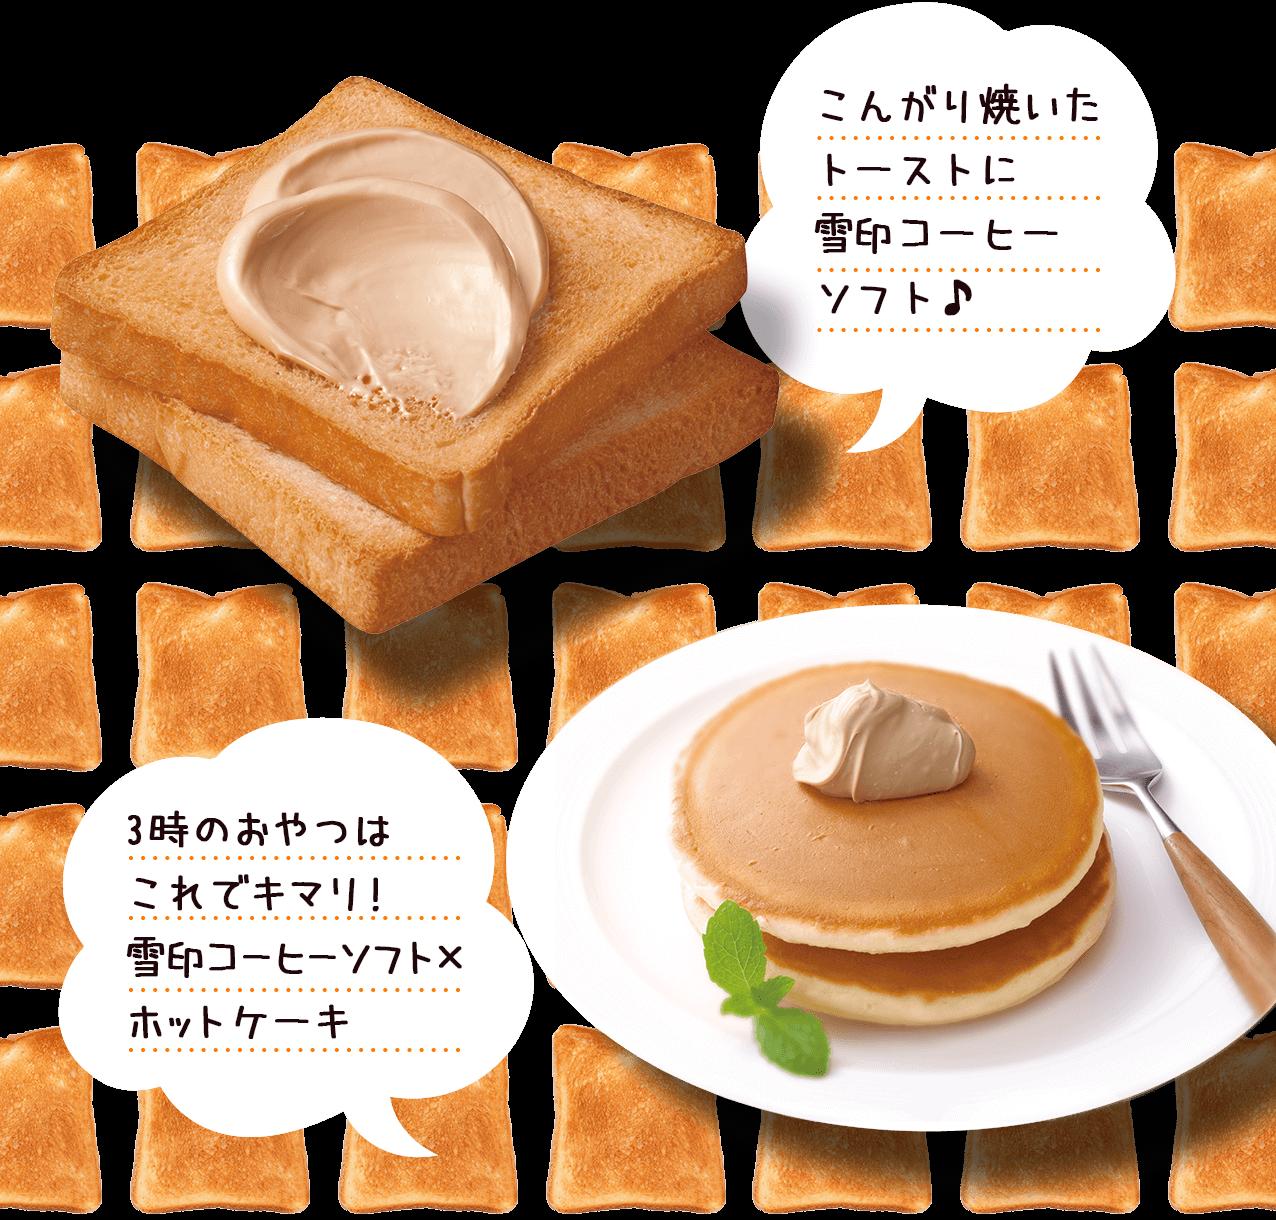 こんがり焼いたトーストに雪印コーヒーソフト♪ 3時のおやつはこれでキマリ!雪印コーヒーソフト×ホットケーキ